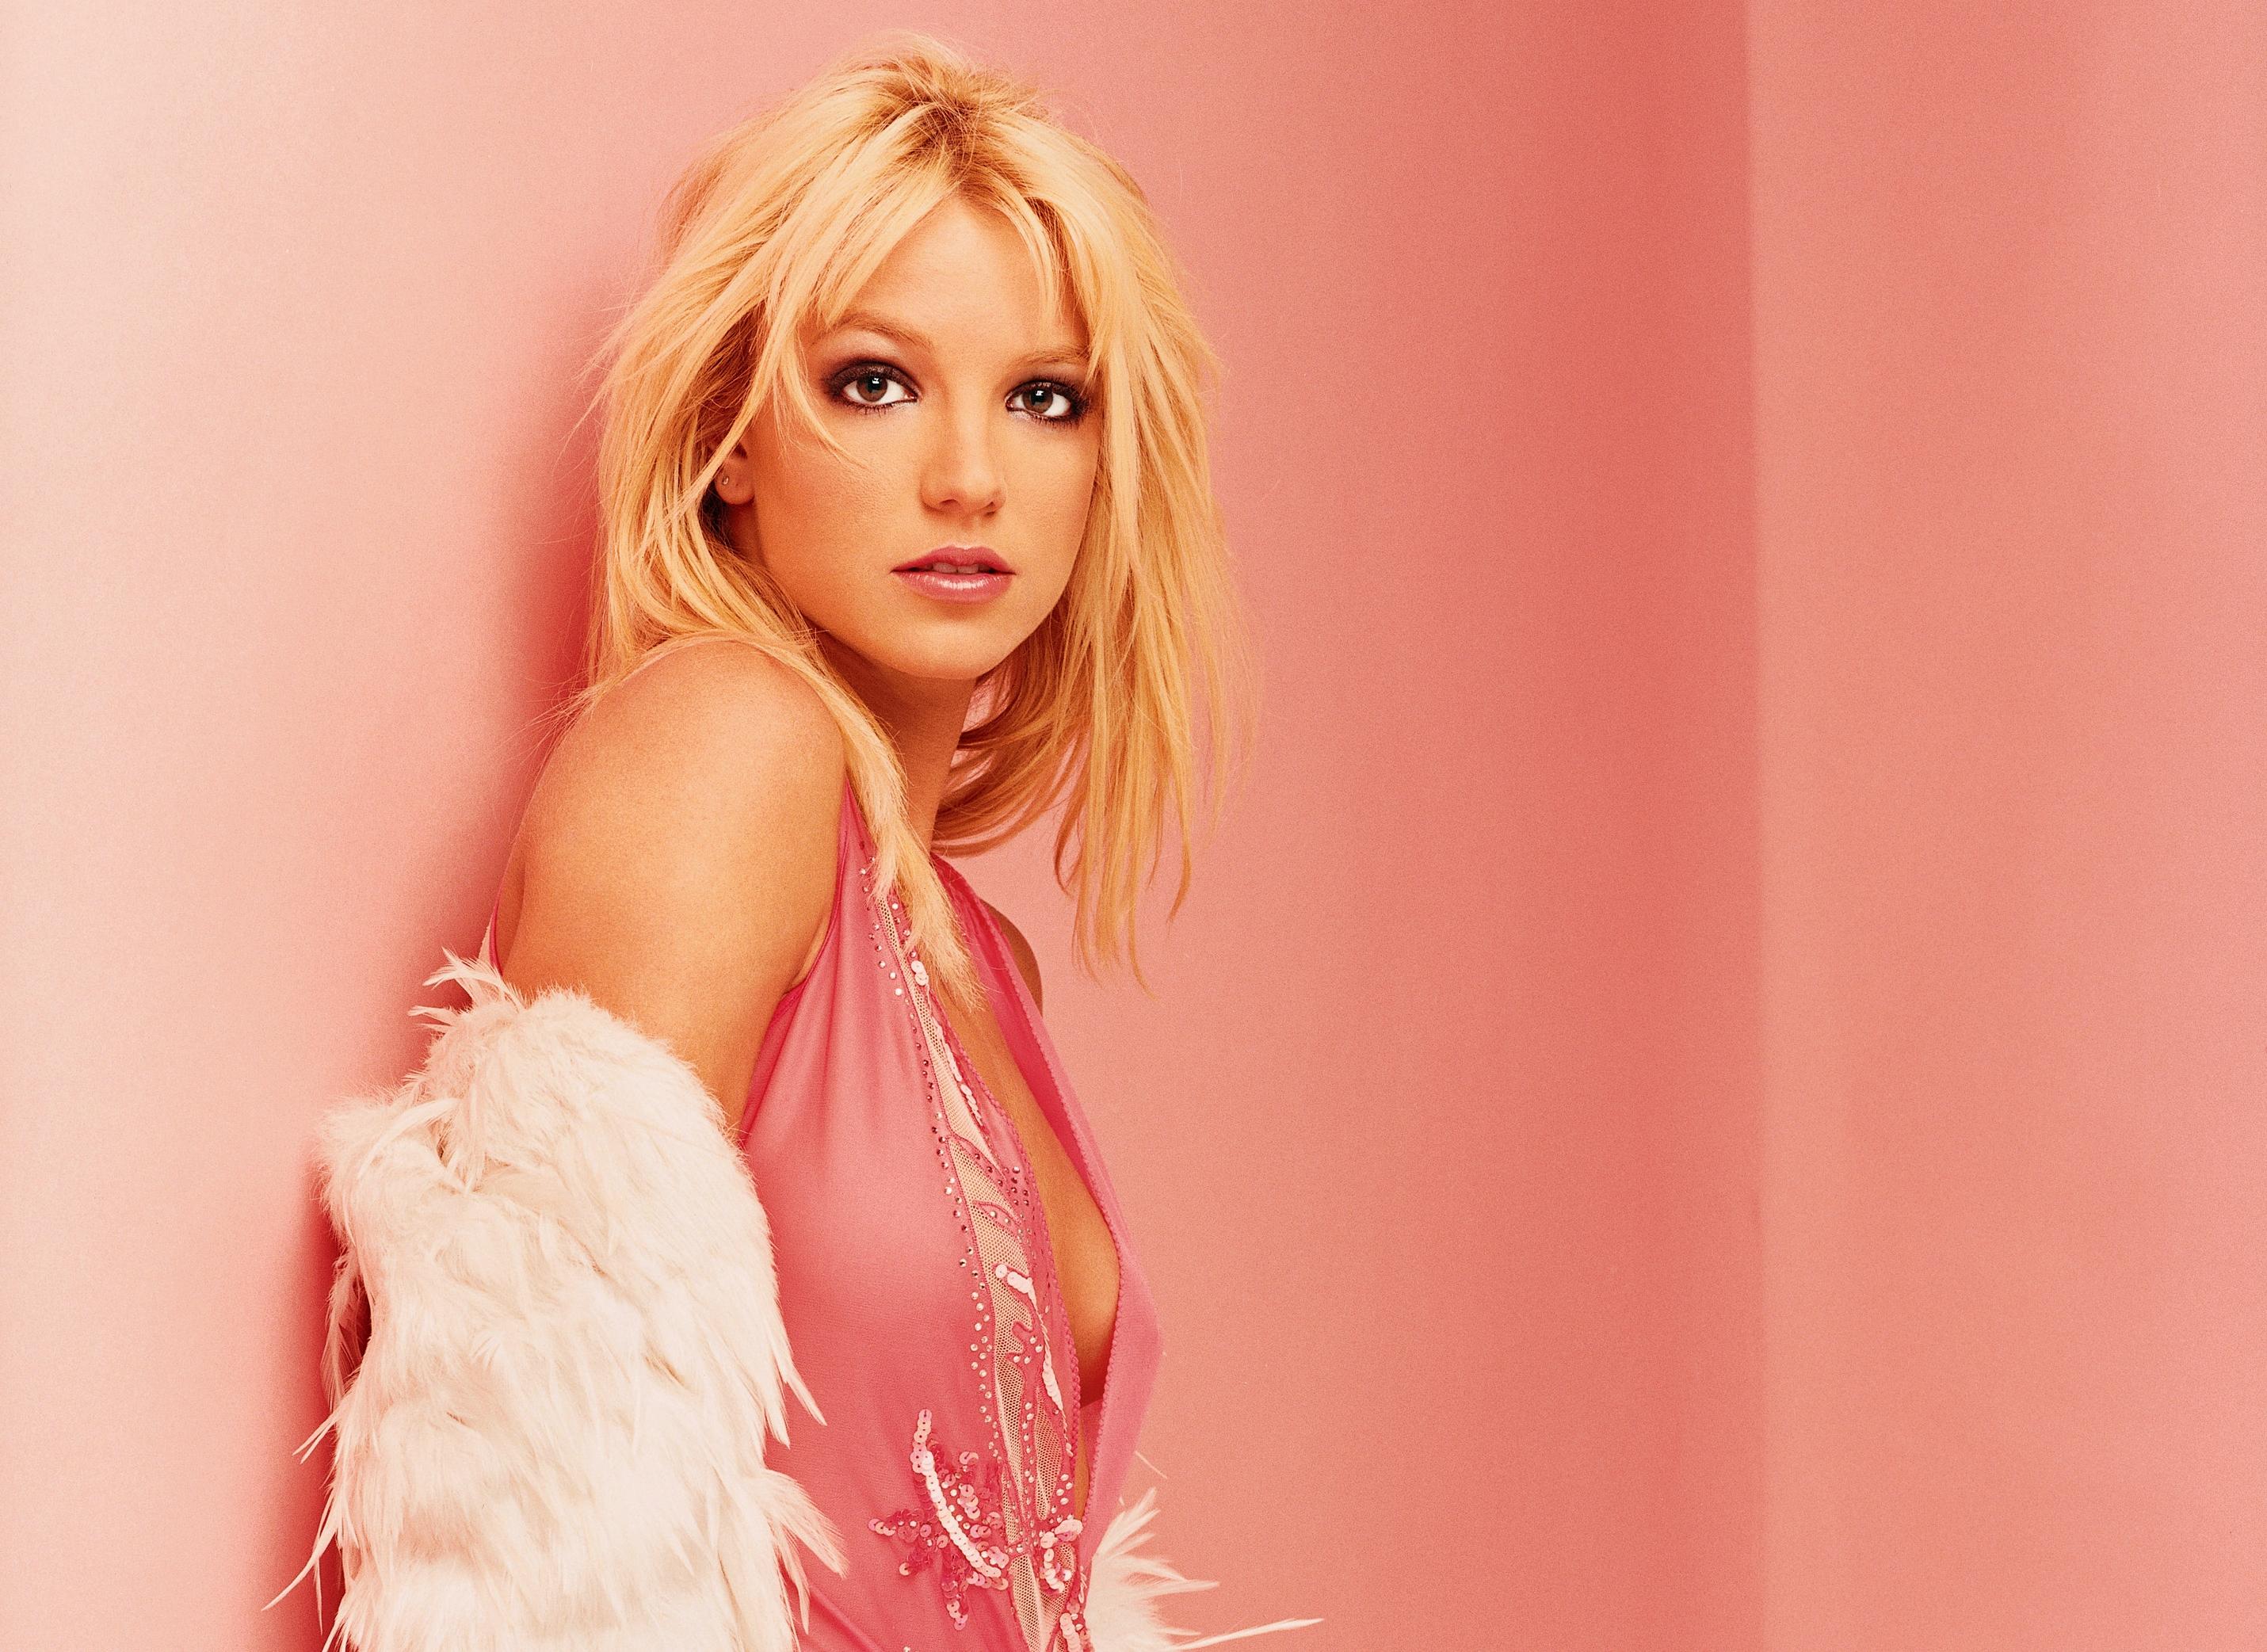 Britney Spears Wallpaper 4 By Catsya On Deviantart